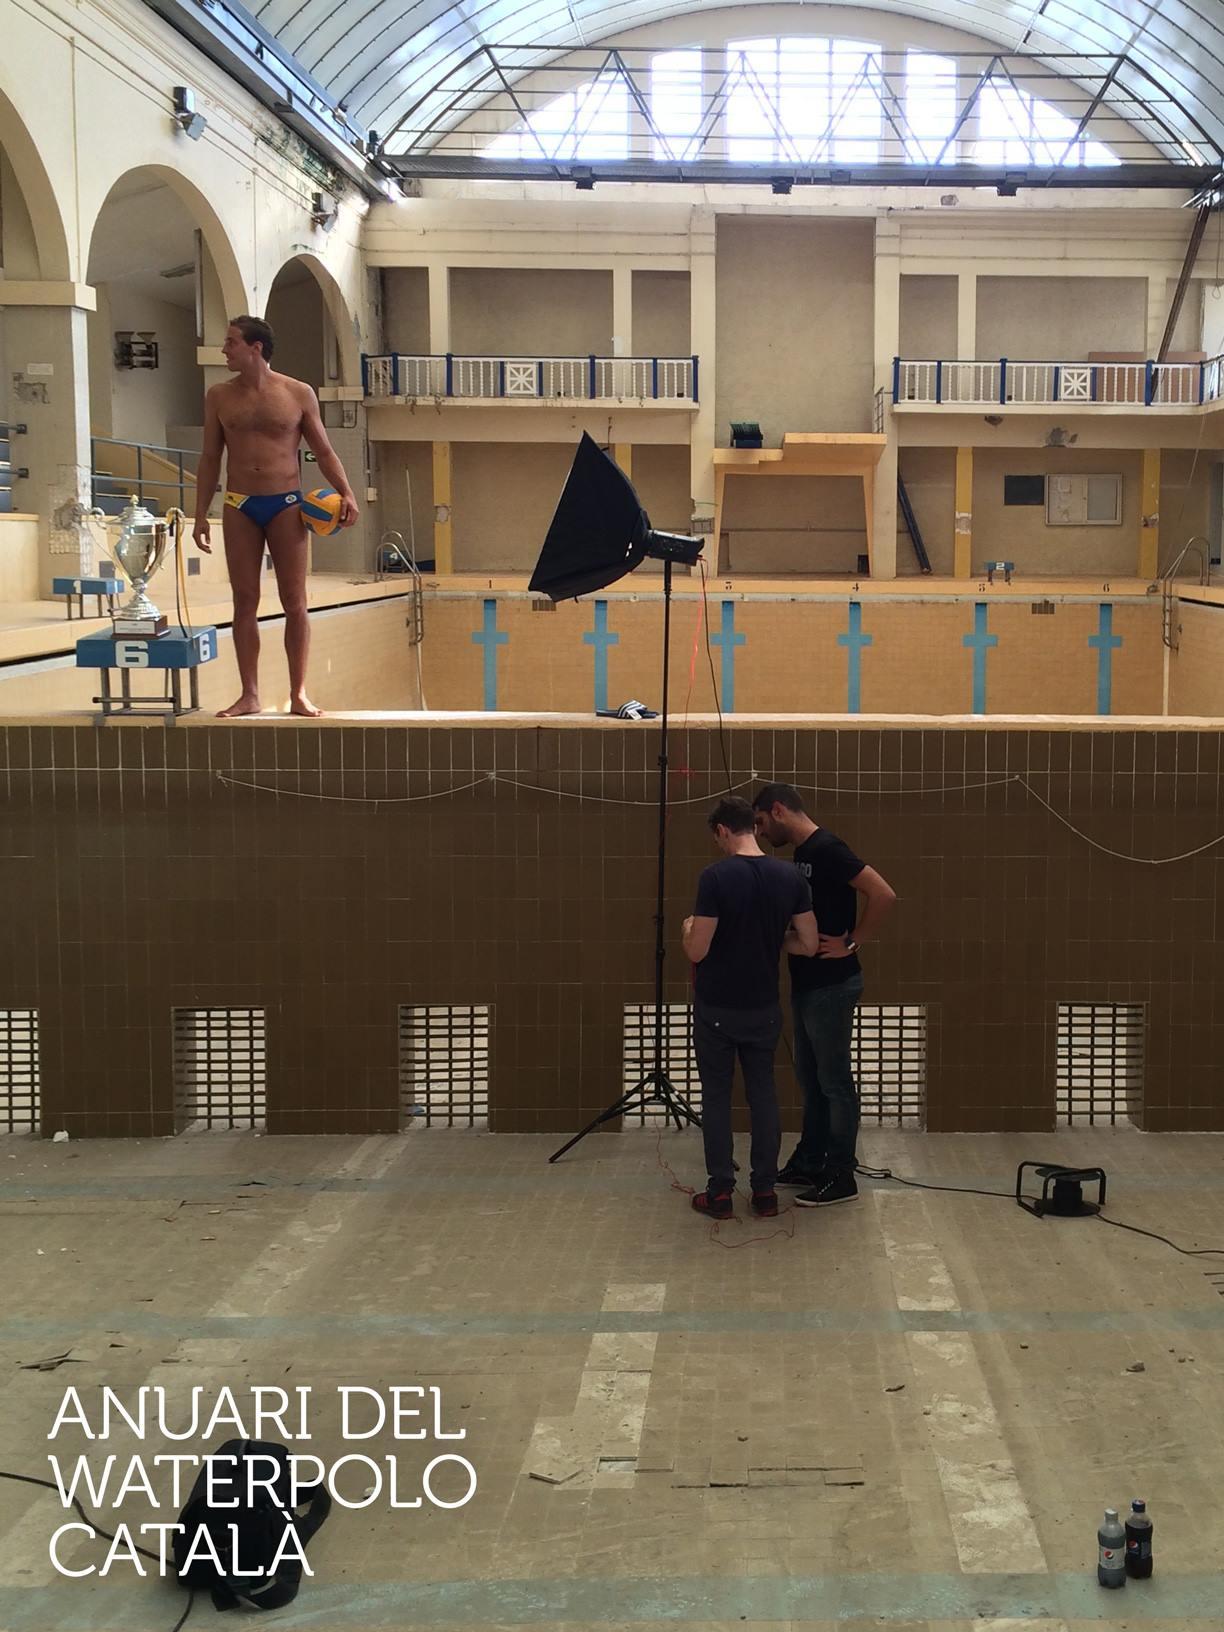 Anuari Waterpolo Català 2015 - Albert Español i Maica Garcia